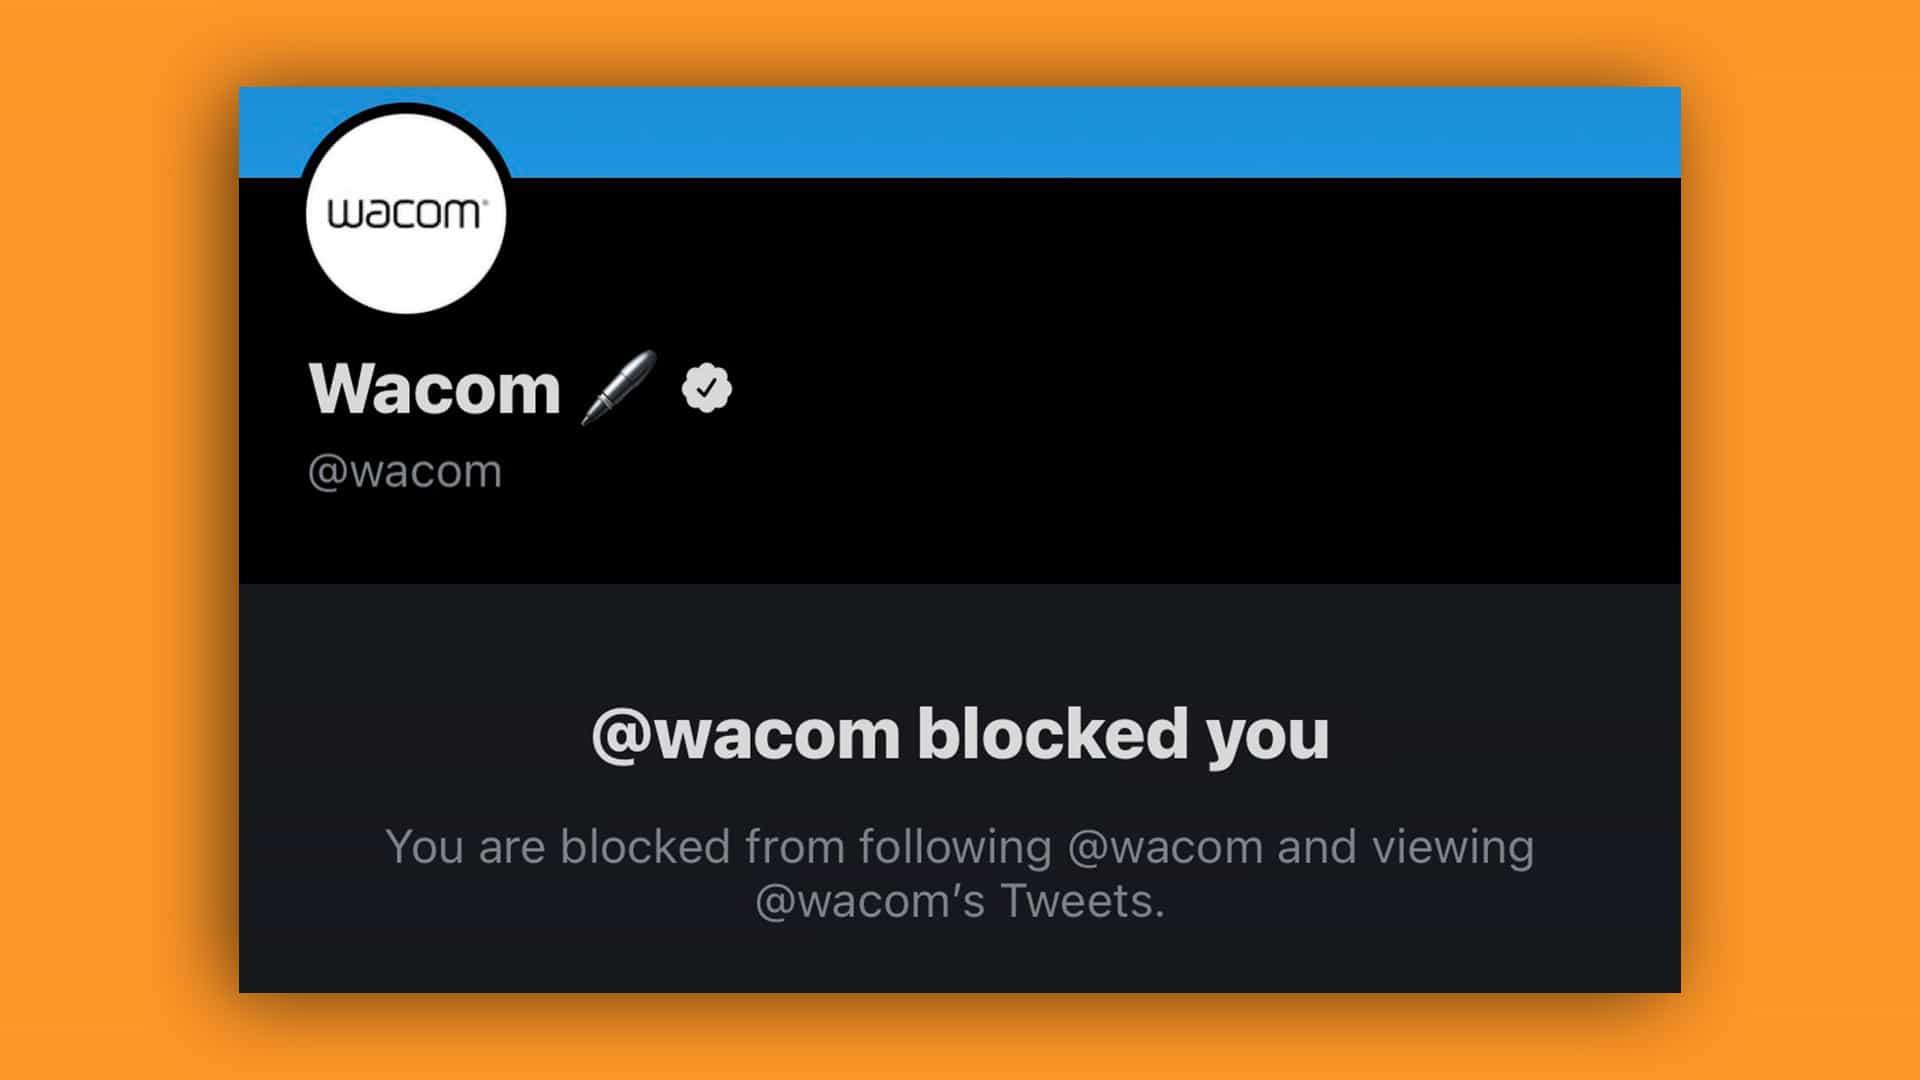 La gente está muy, muy descontenta con Wacom: he aquí por qué